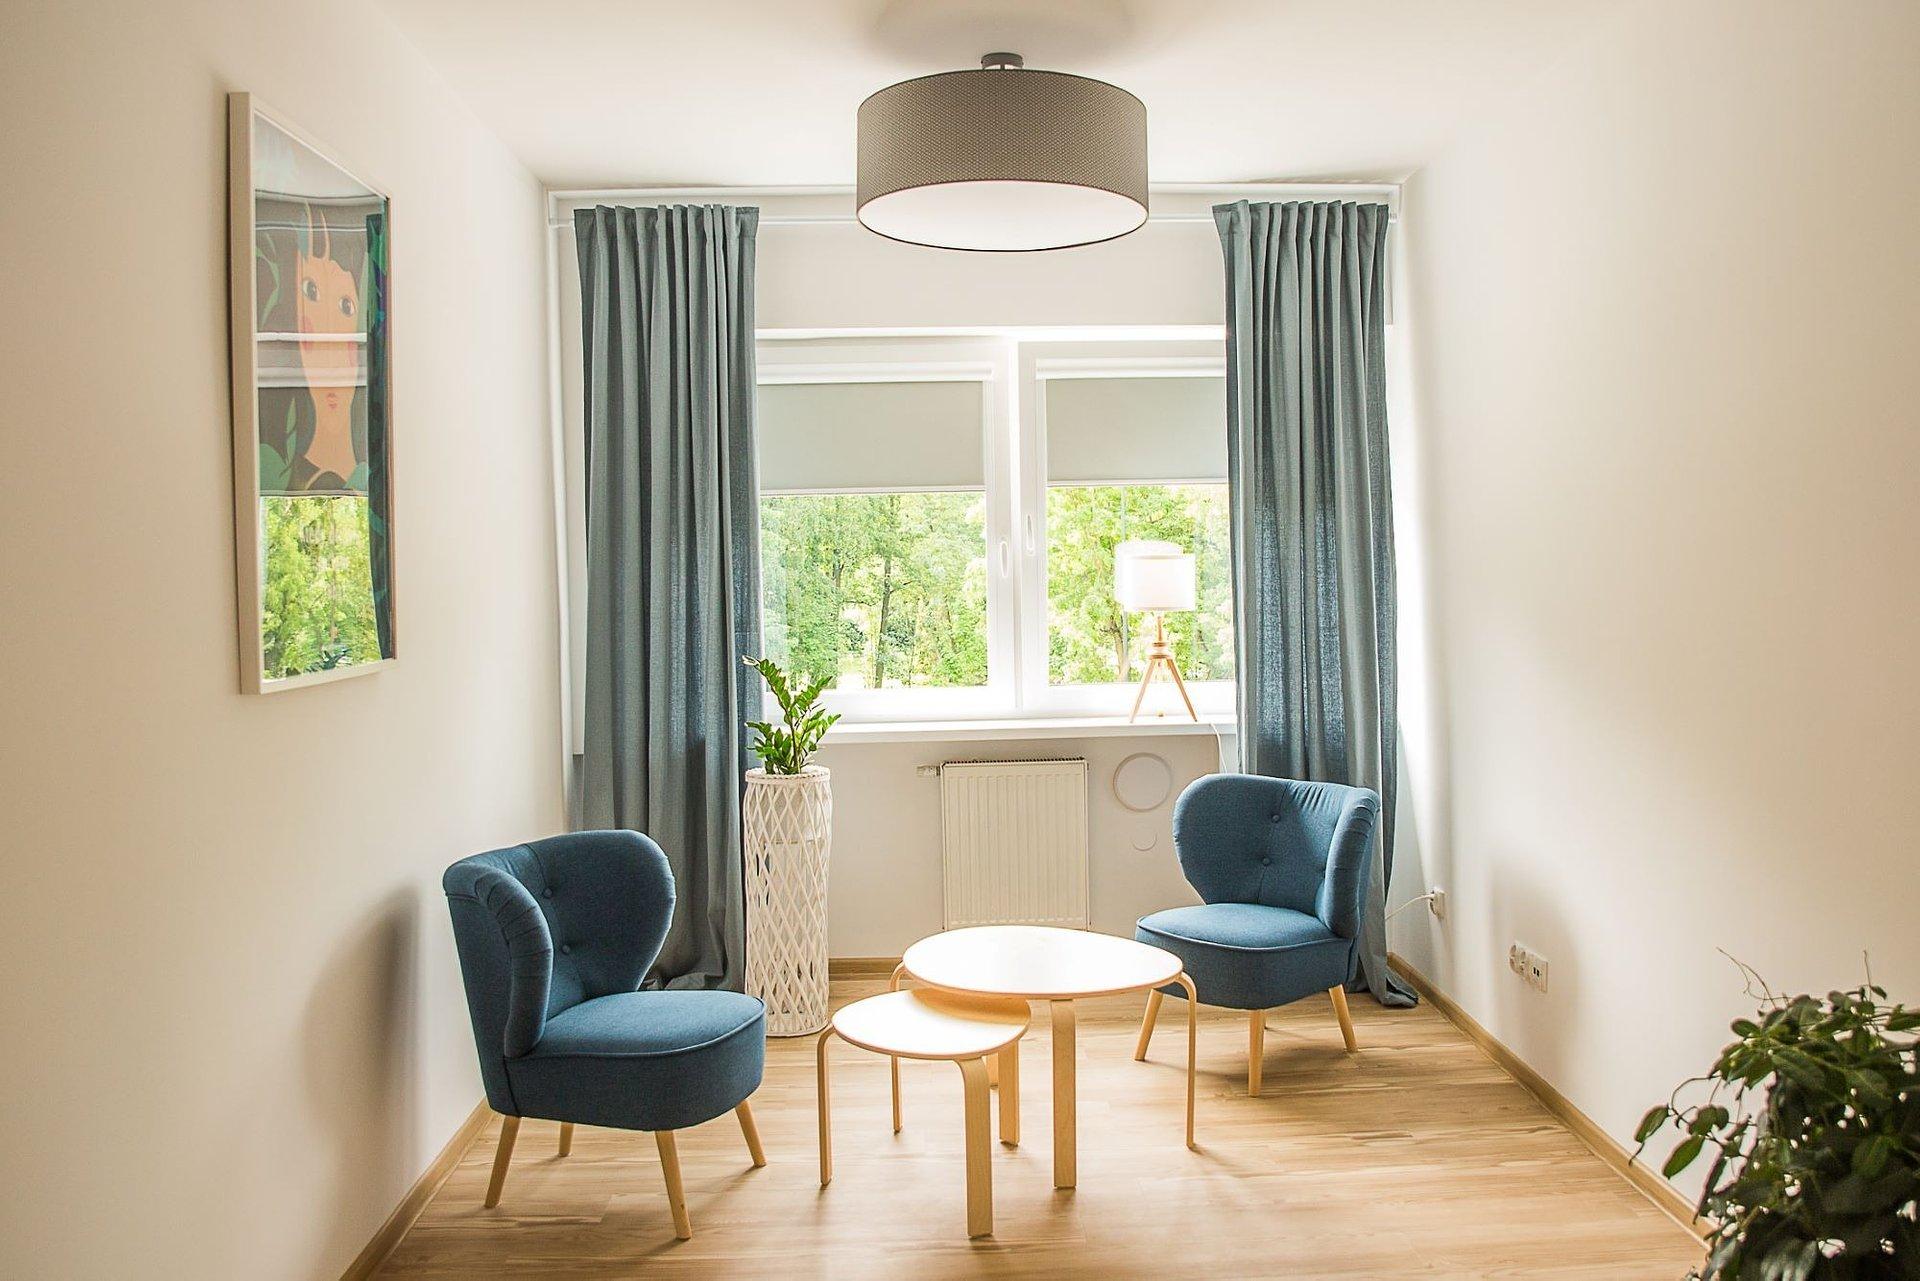 Więcej przestrzeni dla dobra. Centrum Pomocy Dzieciom w Starogardzie Gdańskim prowadzone przez Fundację Dajemy Dzieciom Siłę otwiera nowe piętro